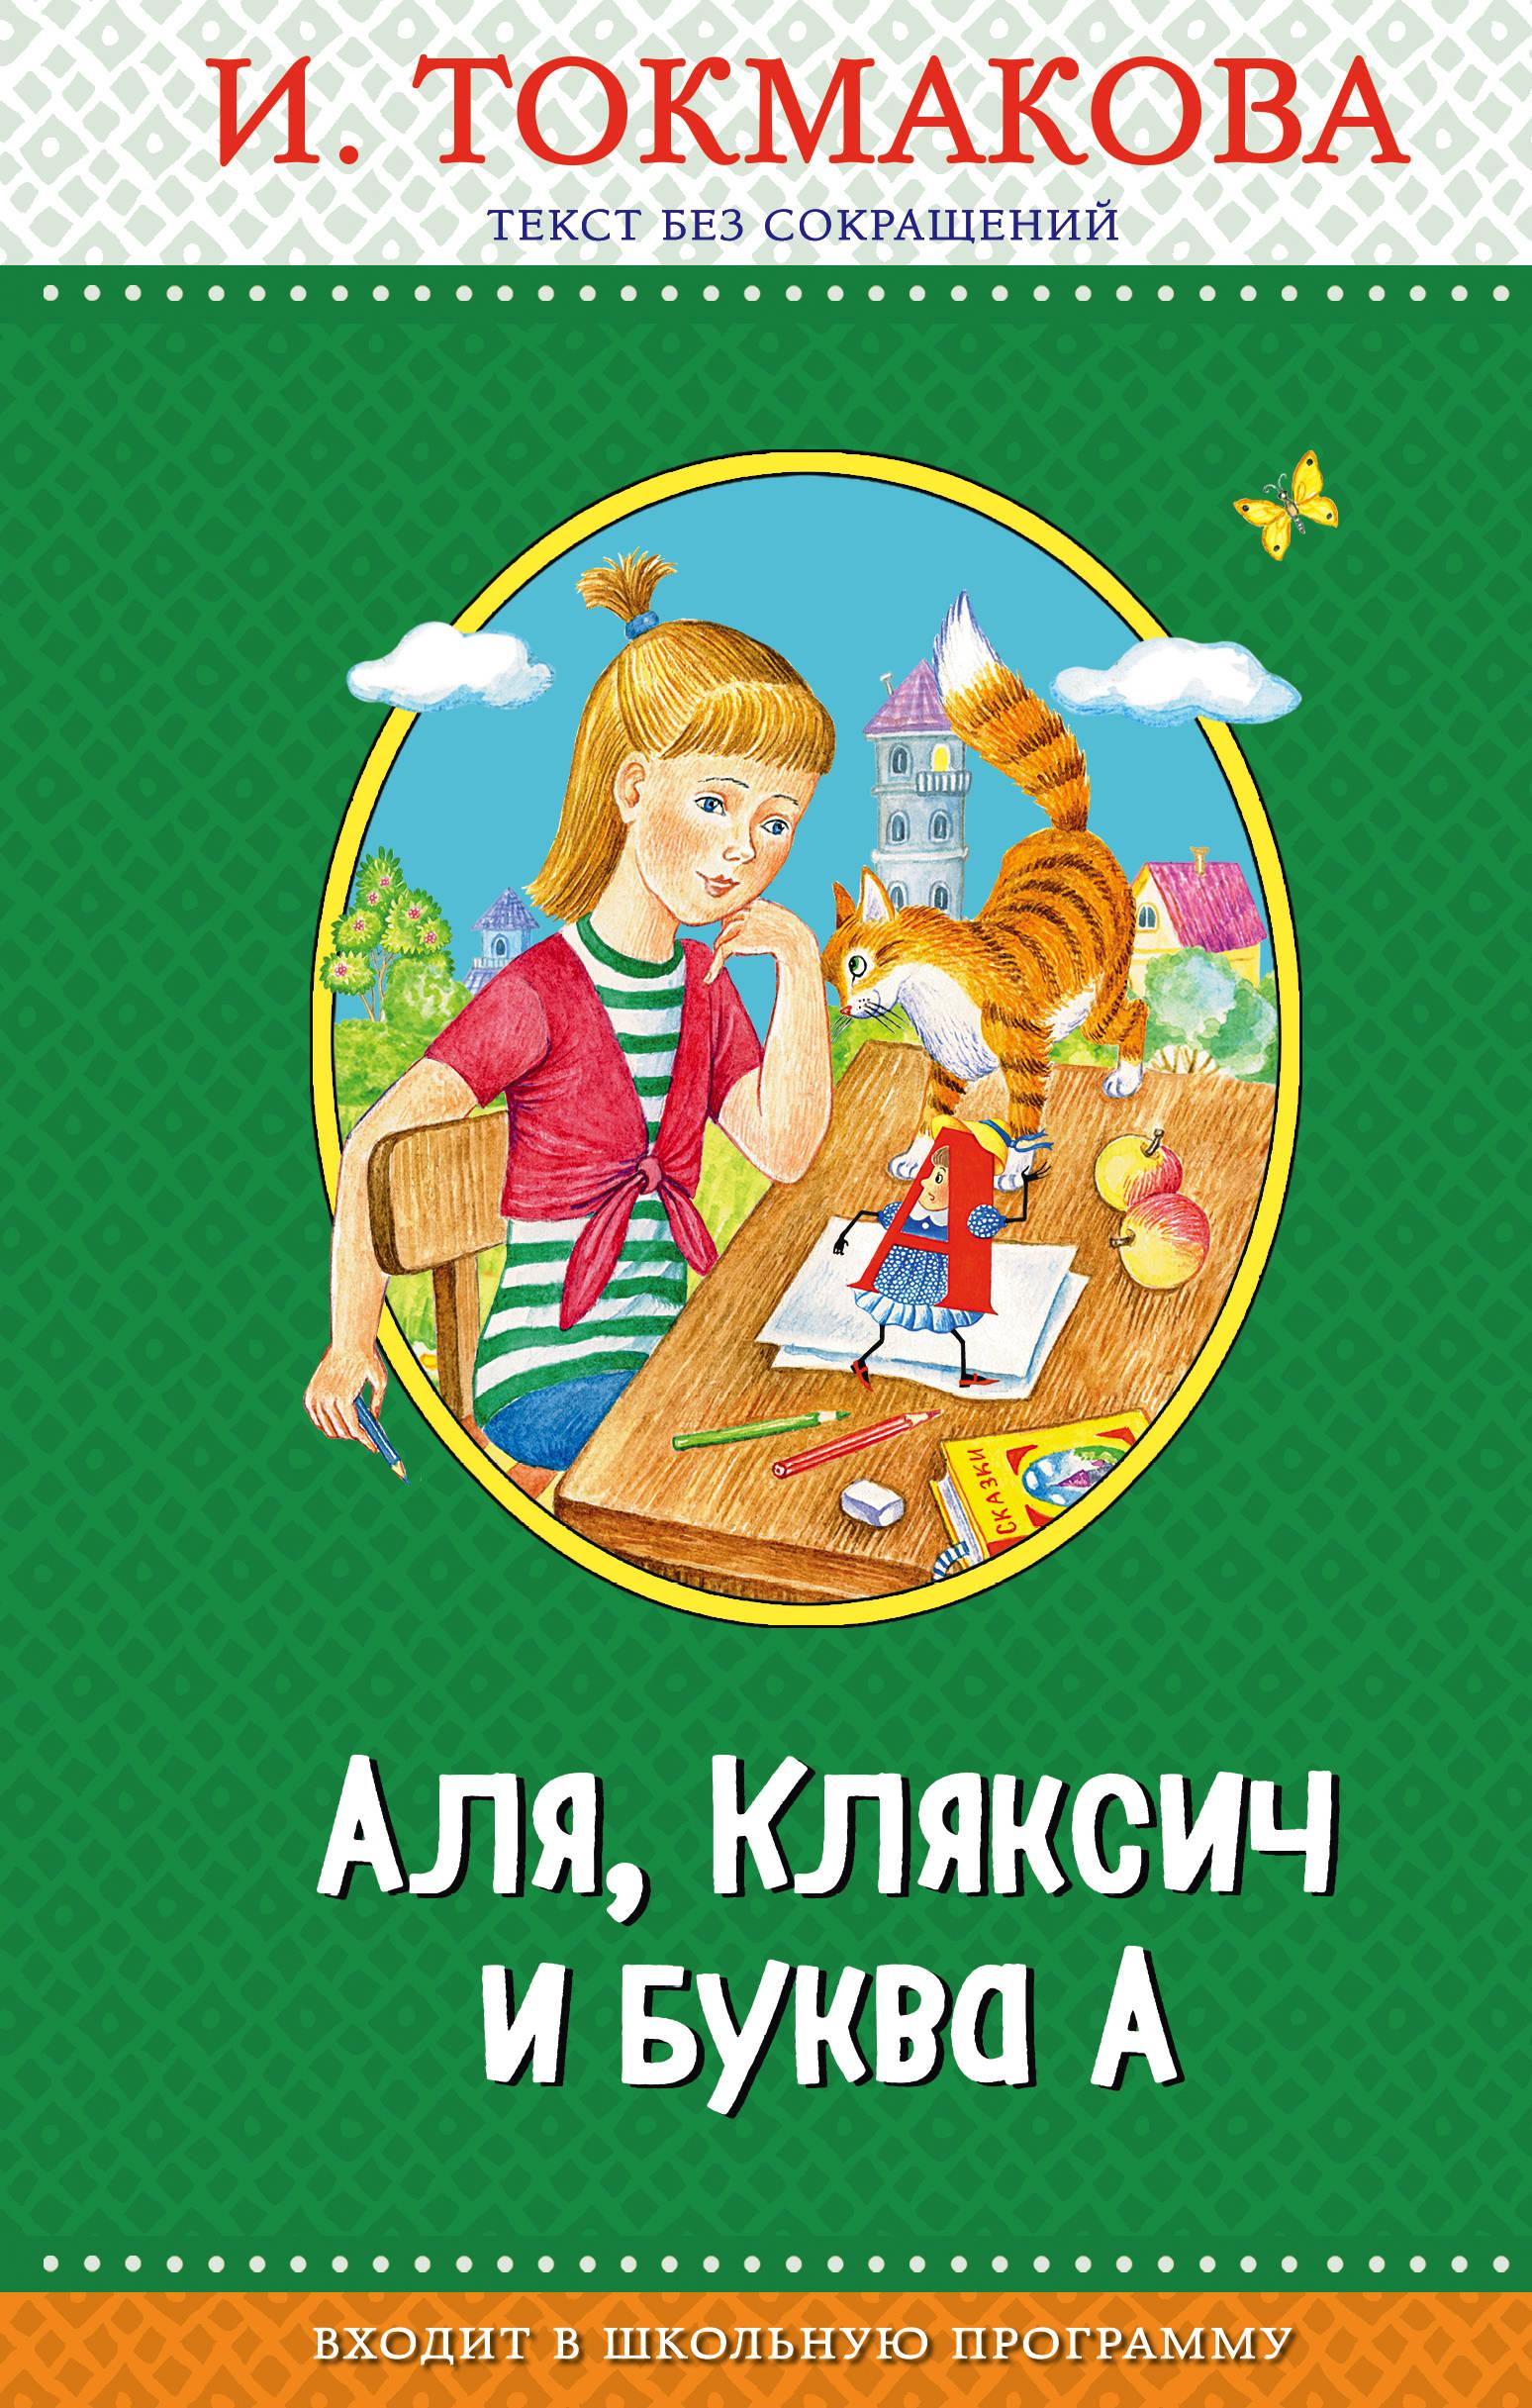 Аля, Кляксич и буква А, Токмакова Ирина Петровна